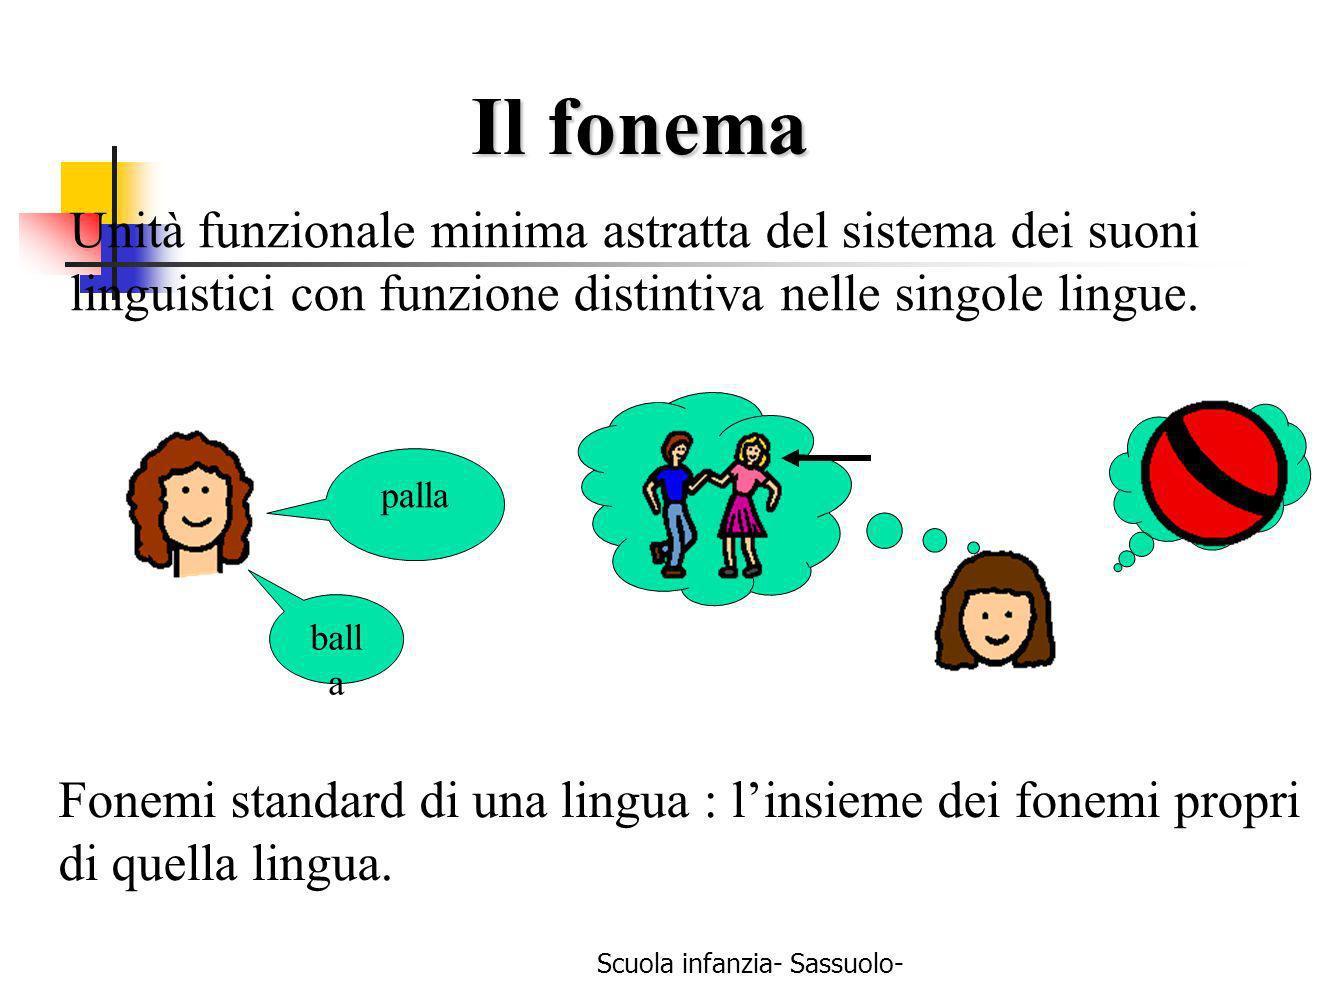 Scuola infanzia- Sassuolo- Il fonema Unità funzionale minima astratta del sistema dei suoni linguistici con funzione distintiva nelle singole lingue.